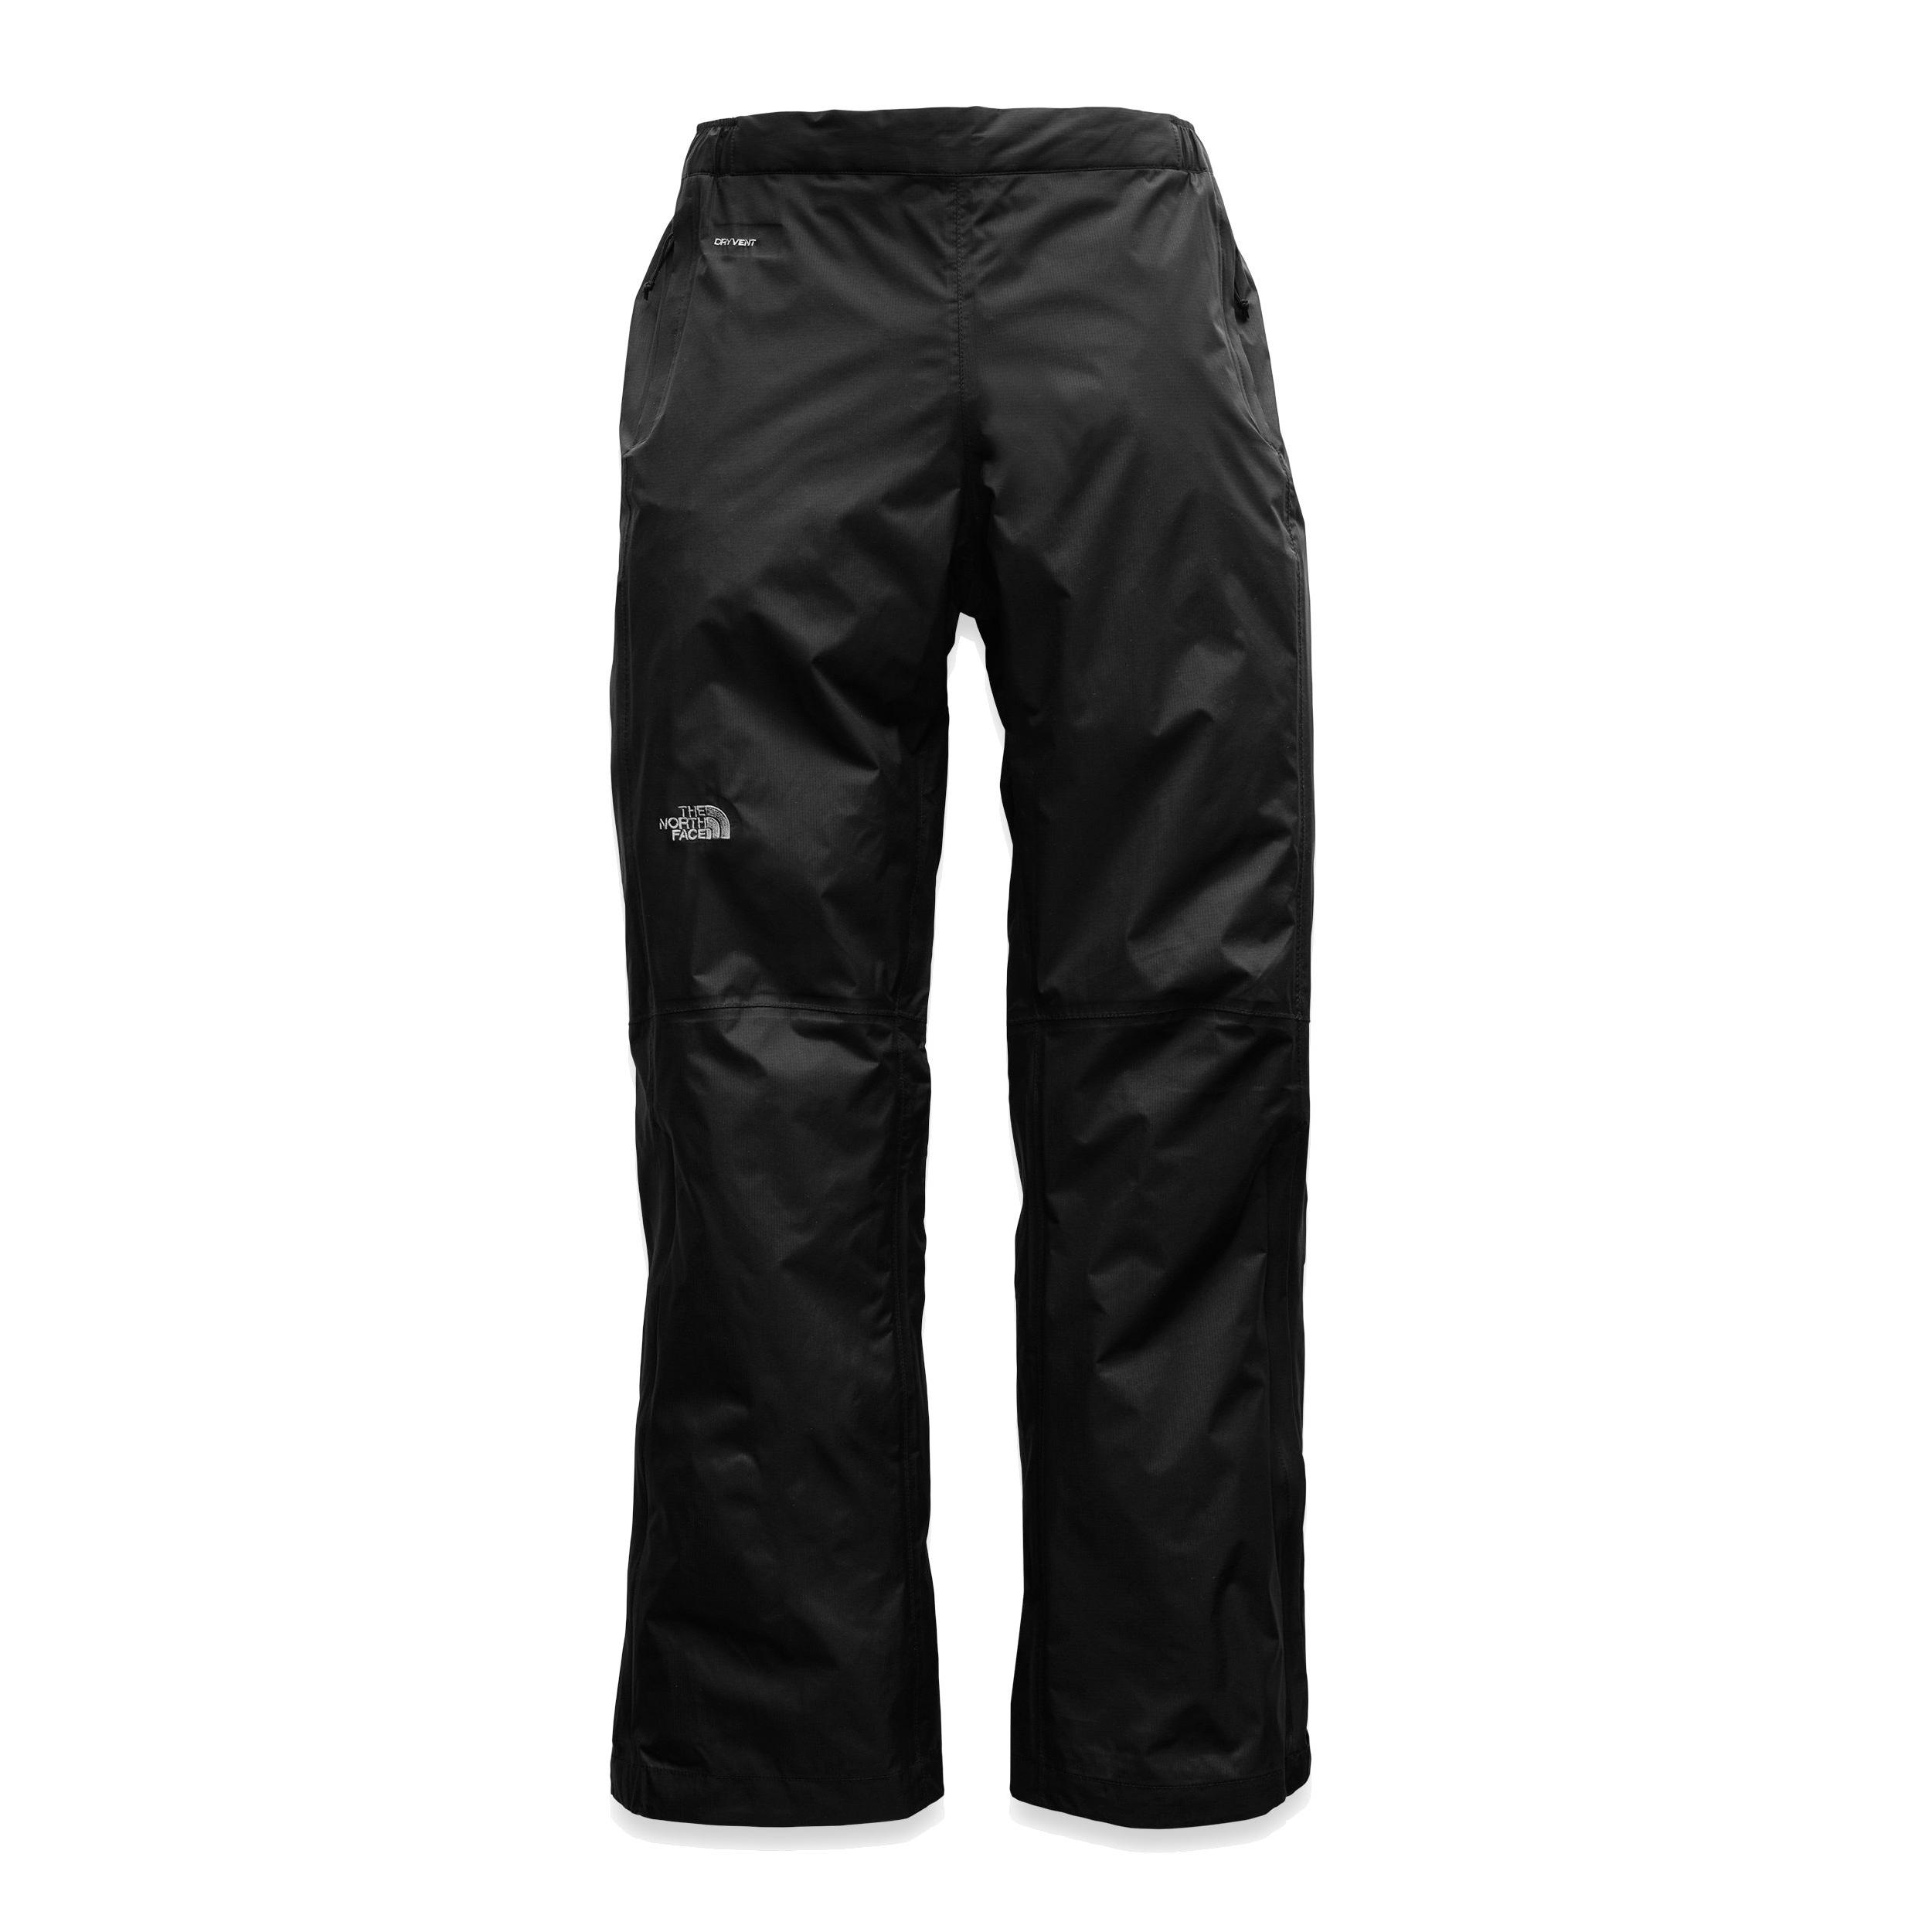 Venture 2 Half-Zip Pant - Women's